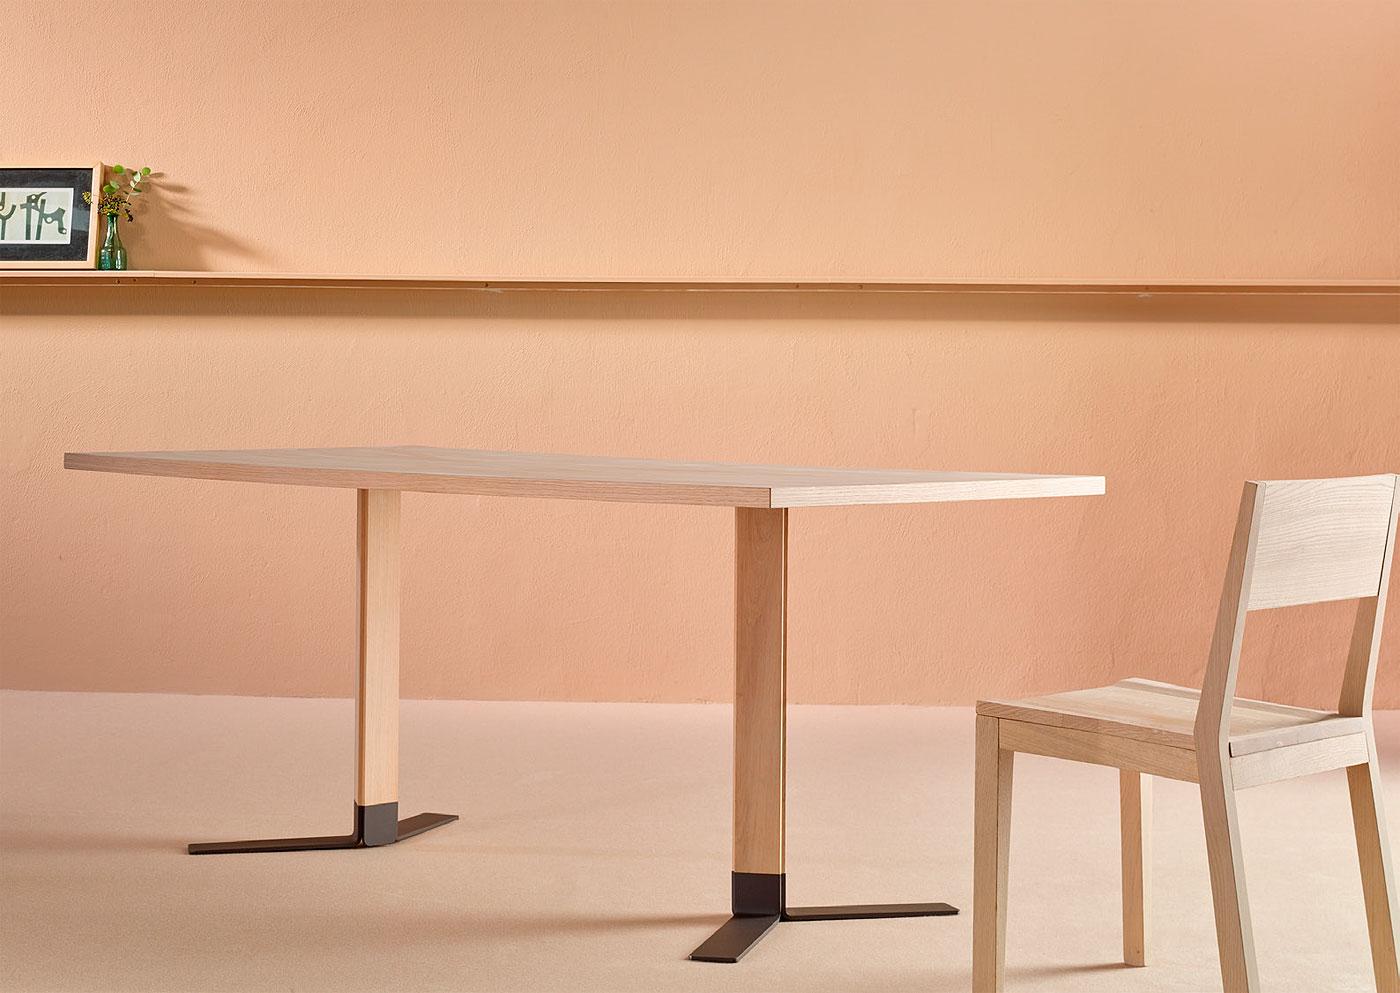 c-pie-mesa-tero-pensi-design-studio-1